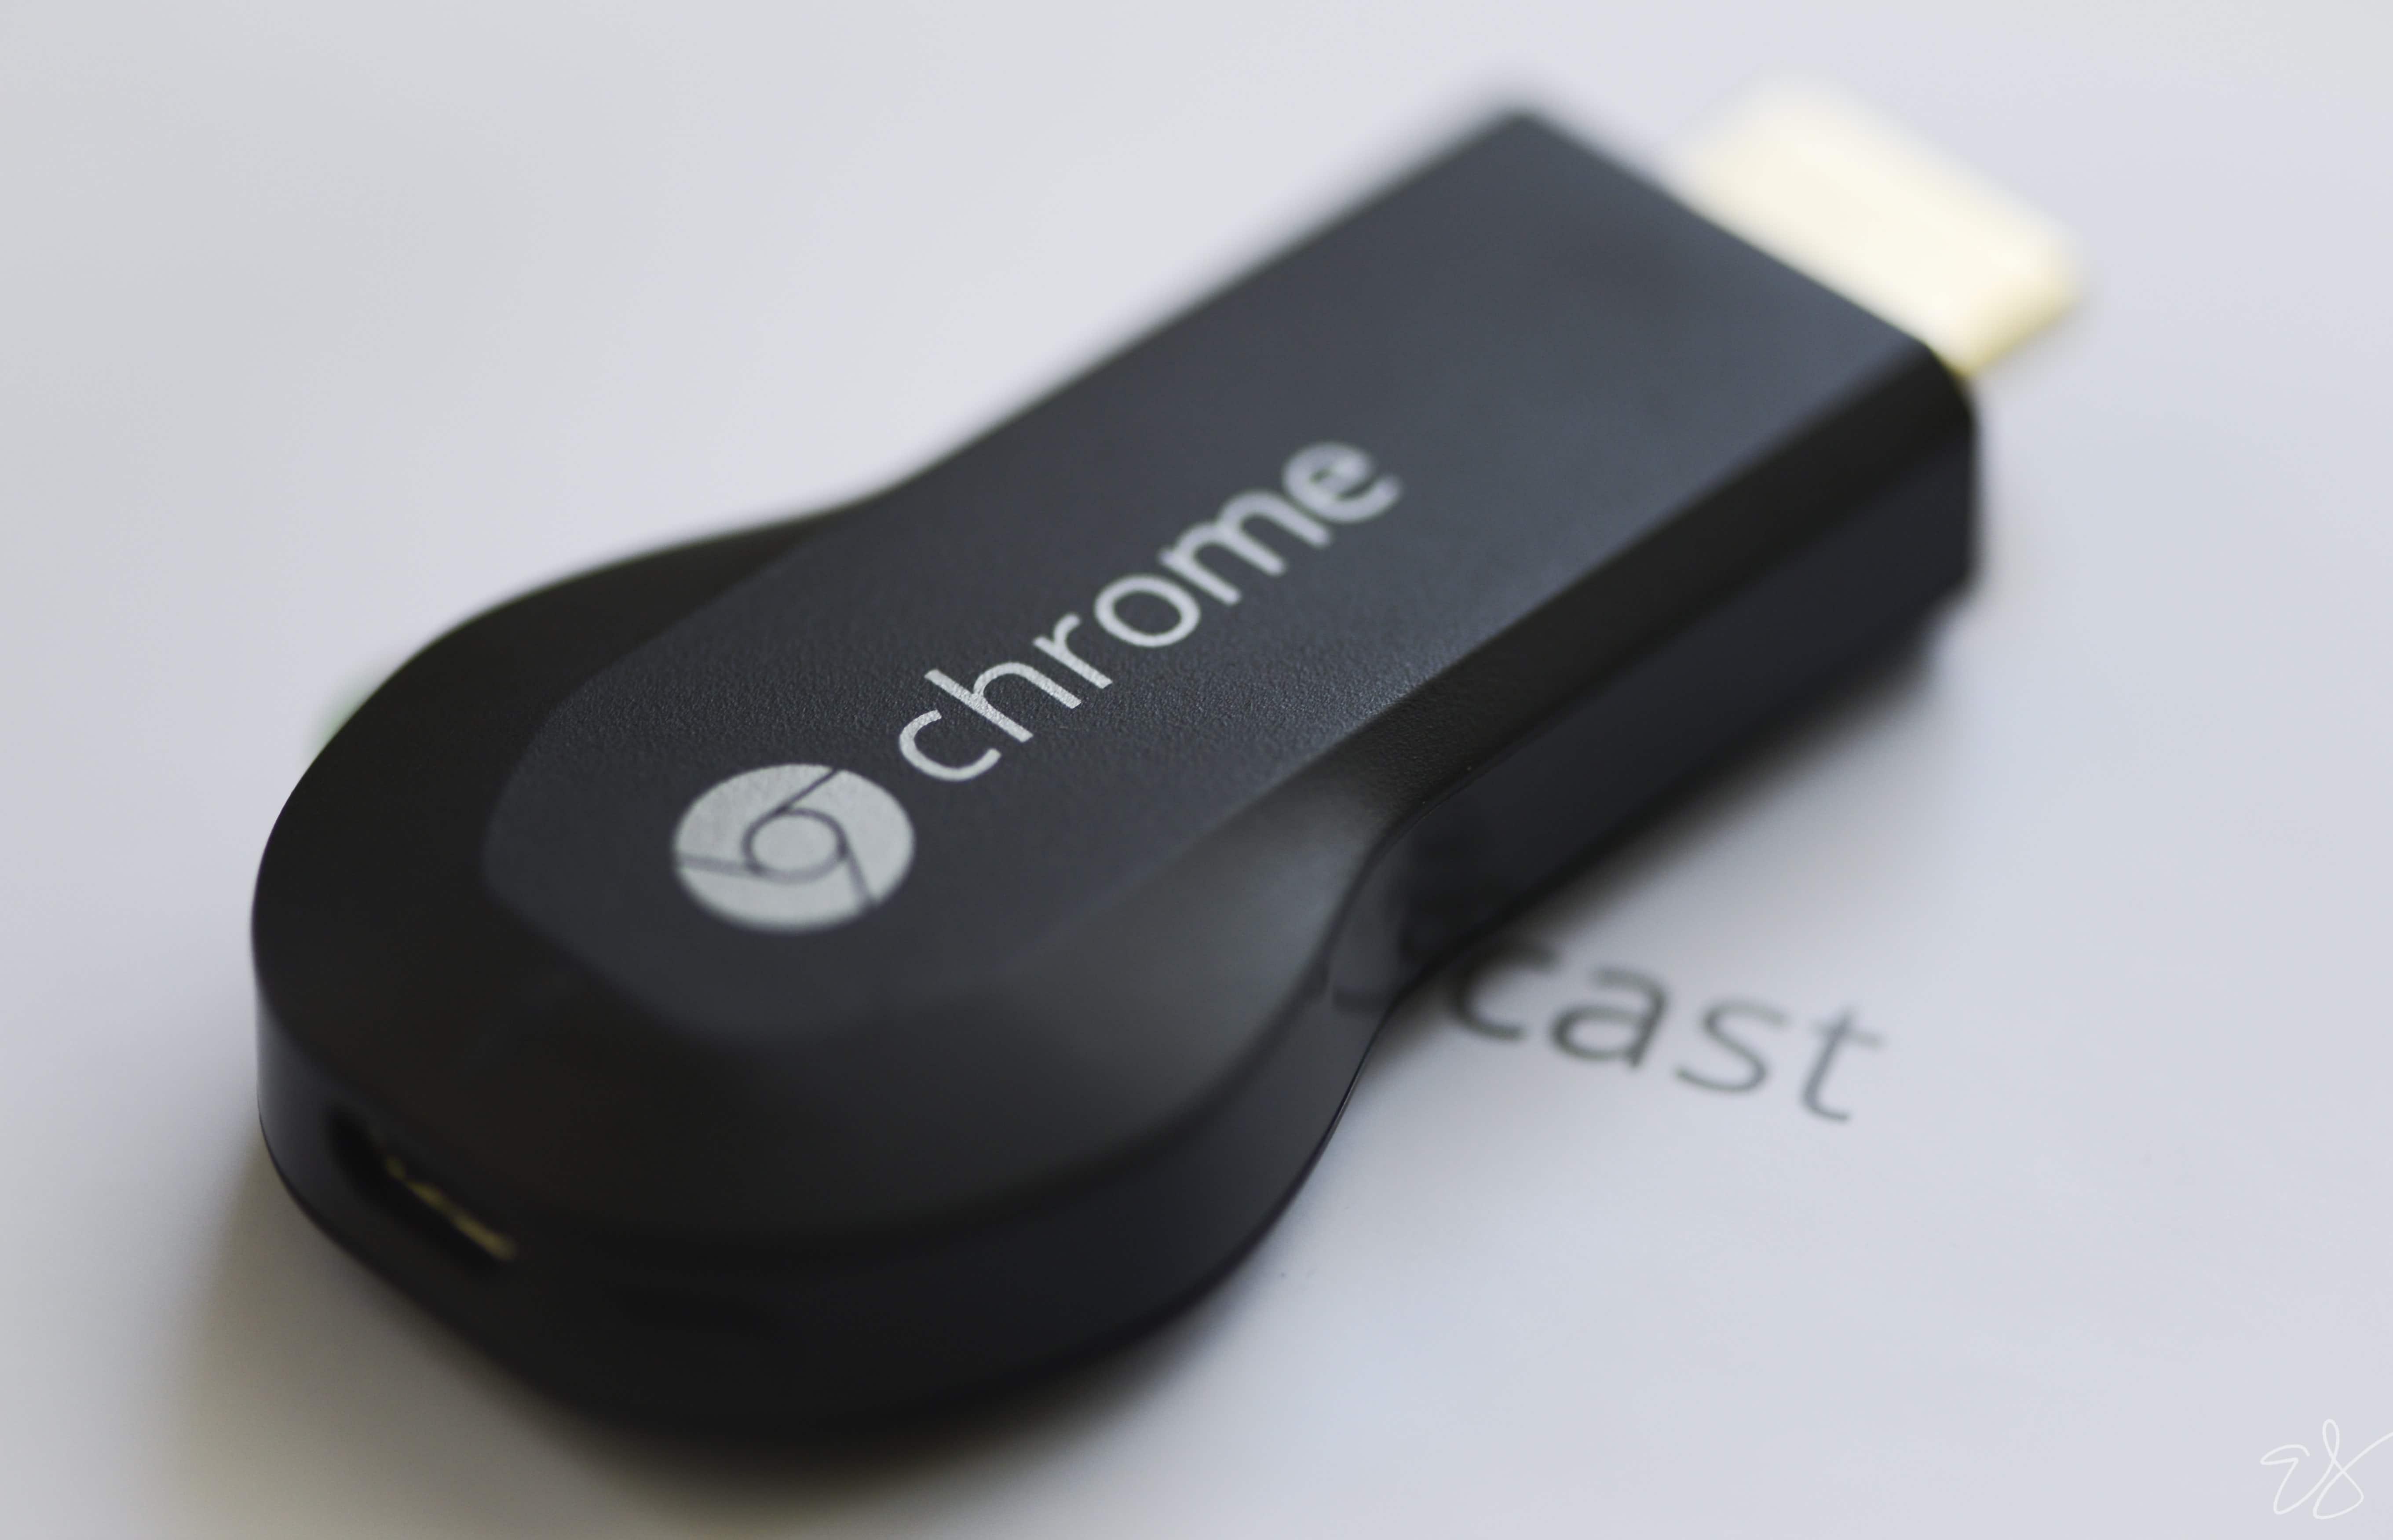 Chromecast : la clé USB pour profiter du Web sur sa télé